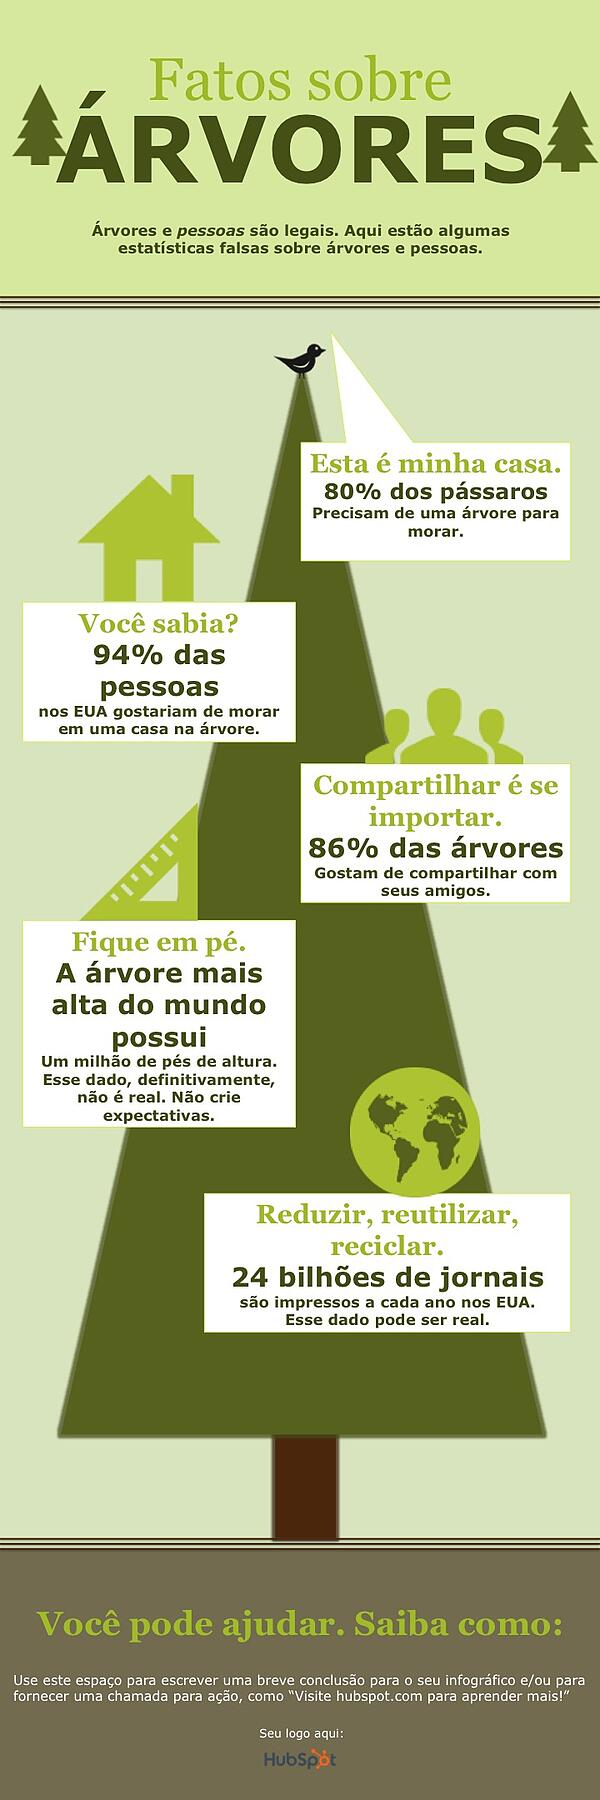 fatos-e-estatisticas-infografico.jpg